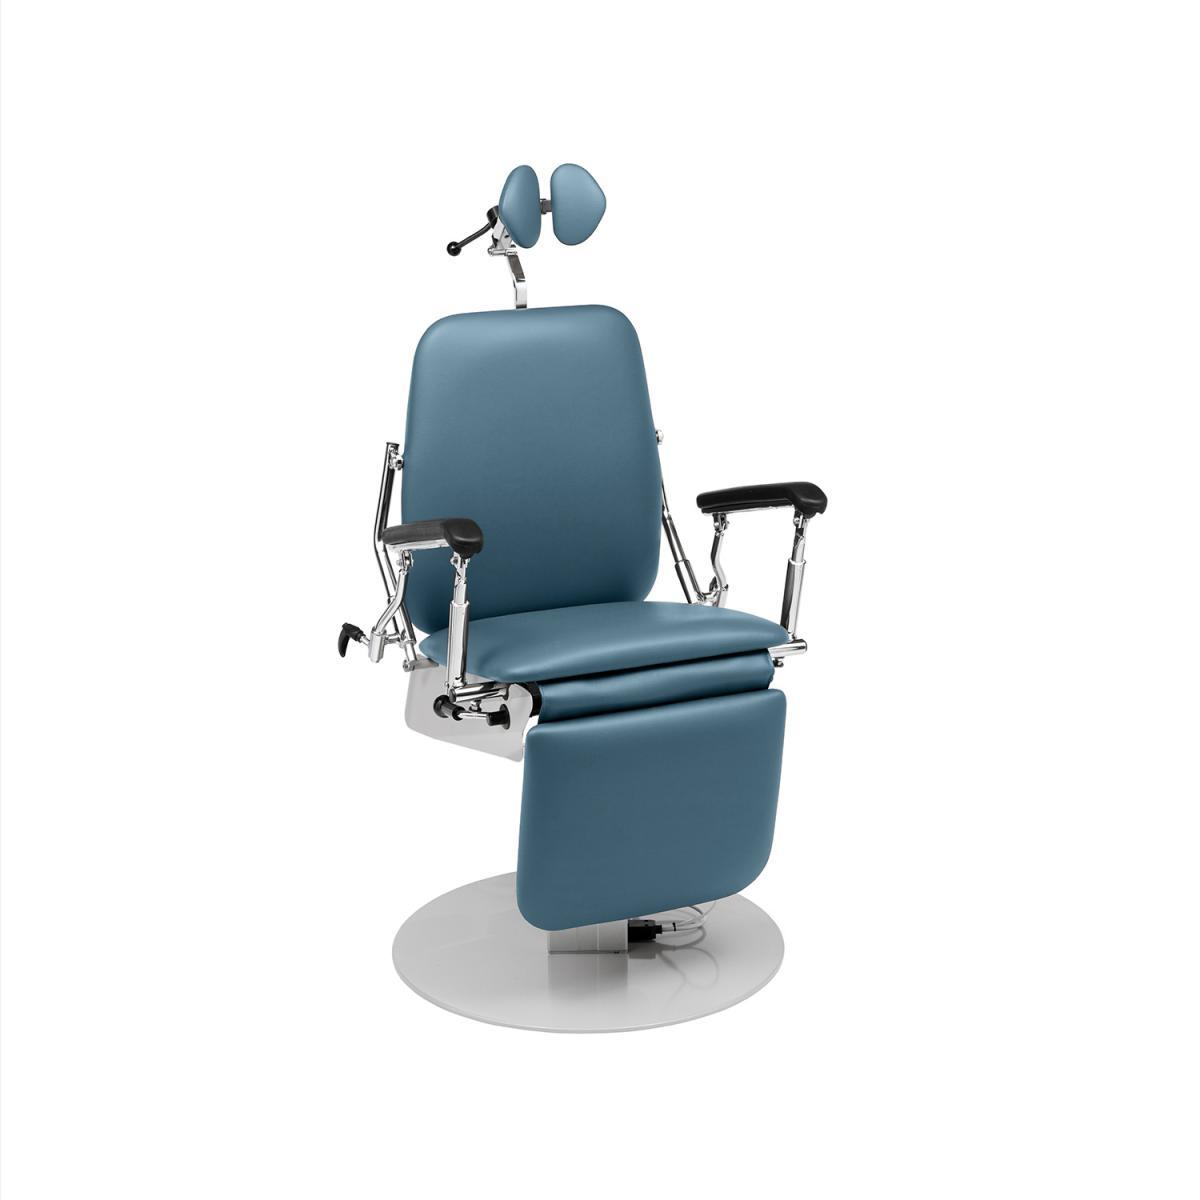 Ear examination chair 410